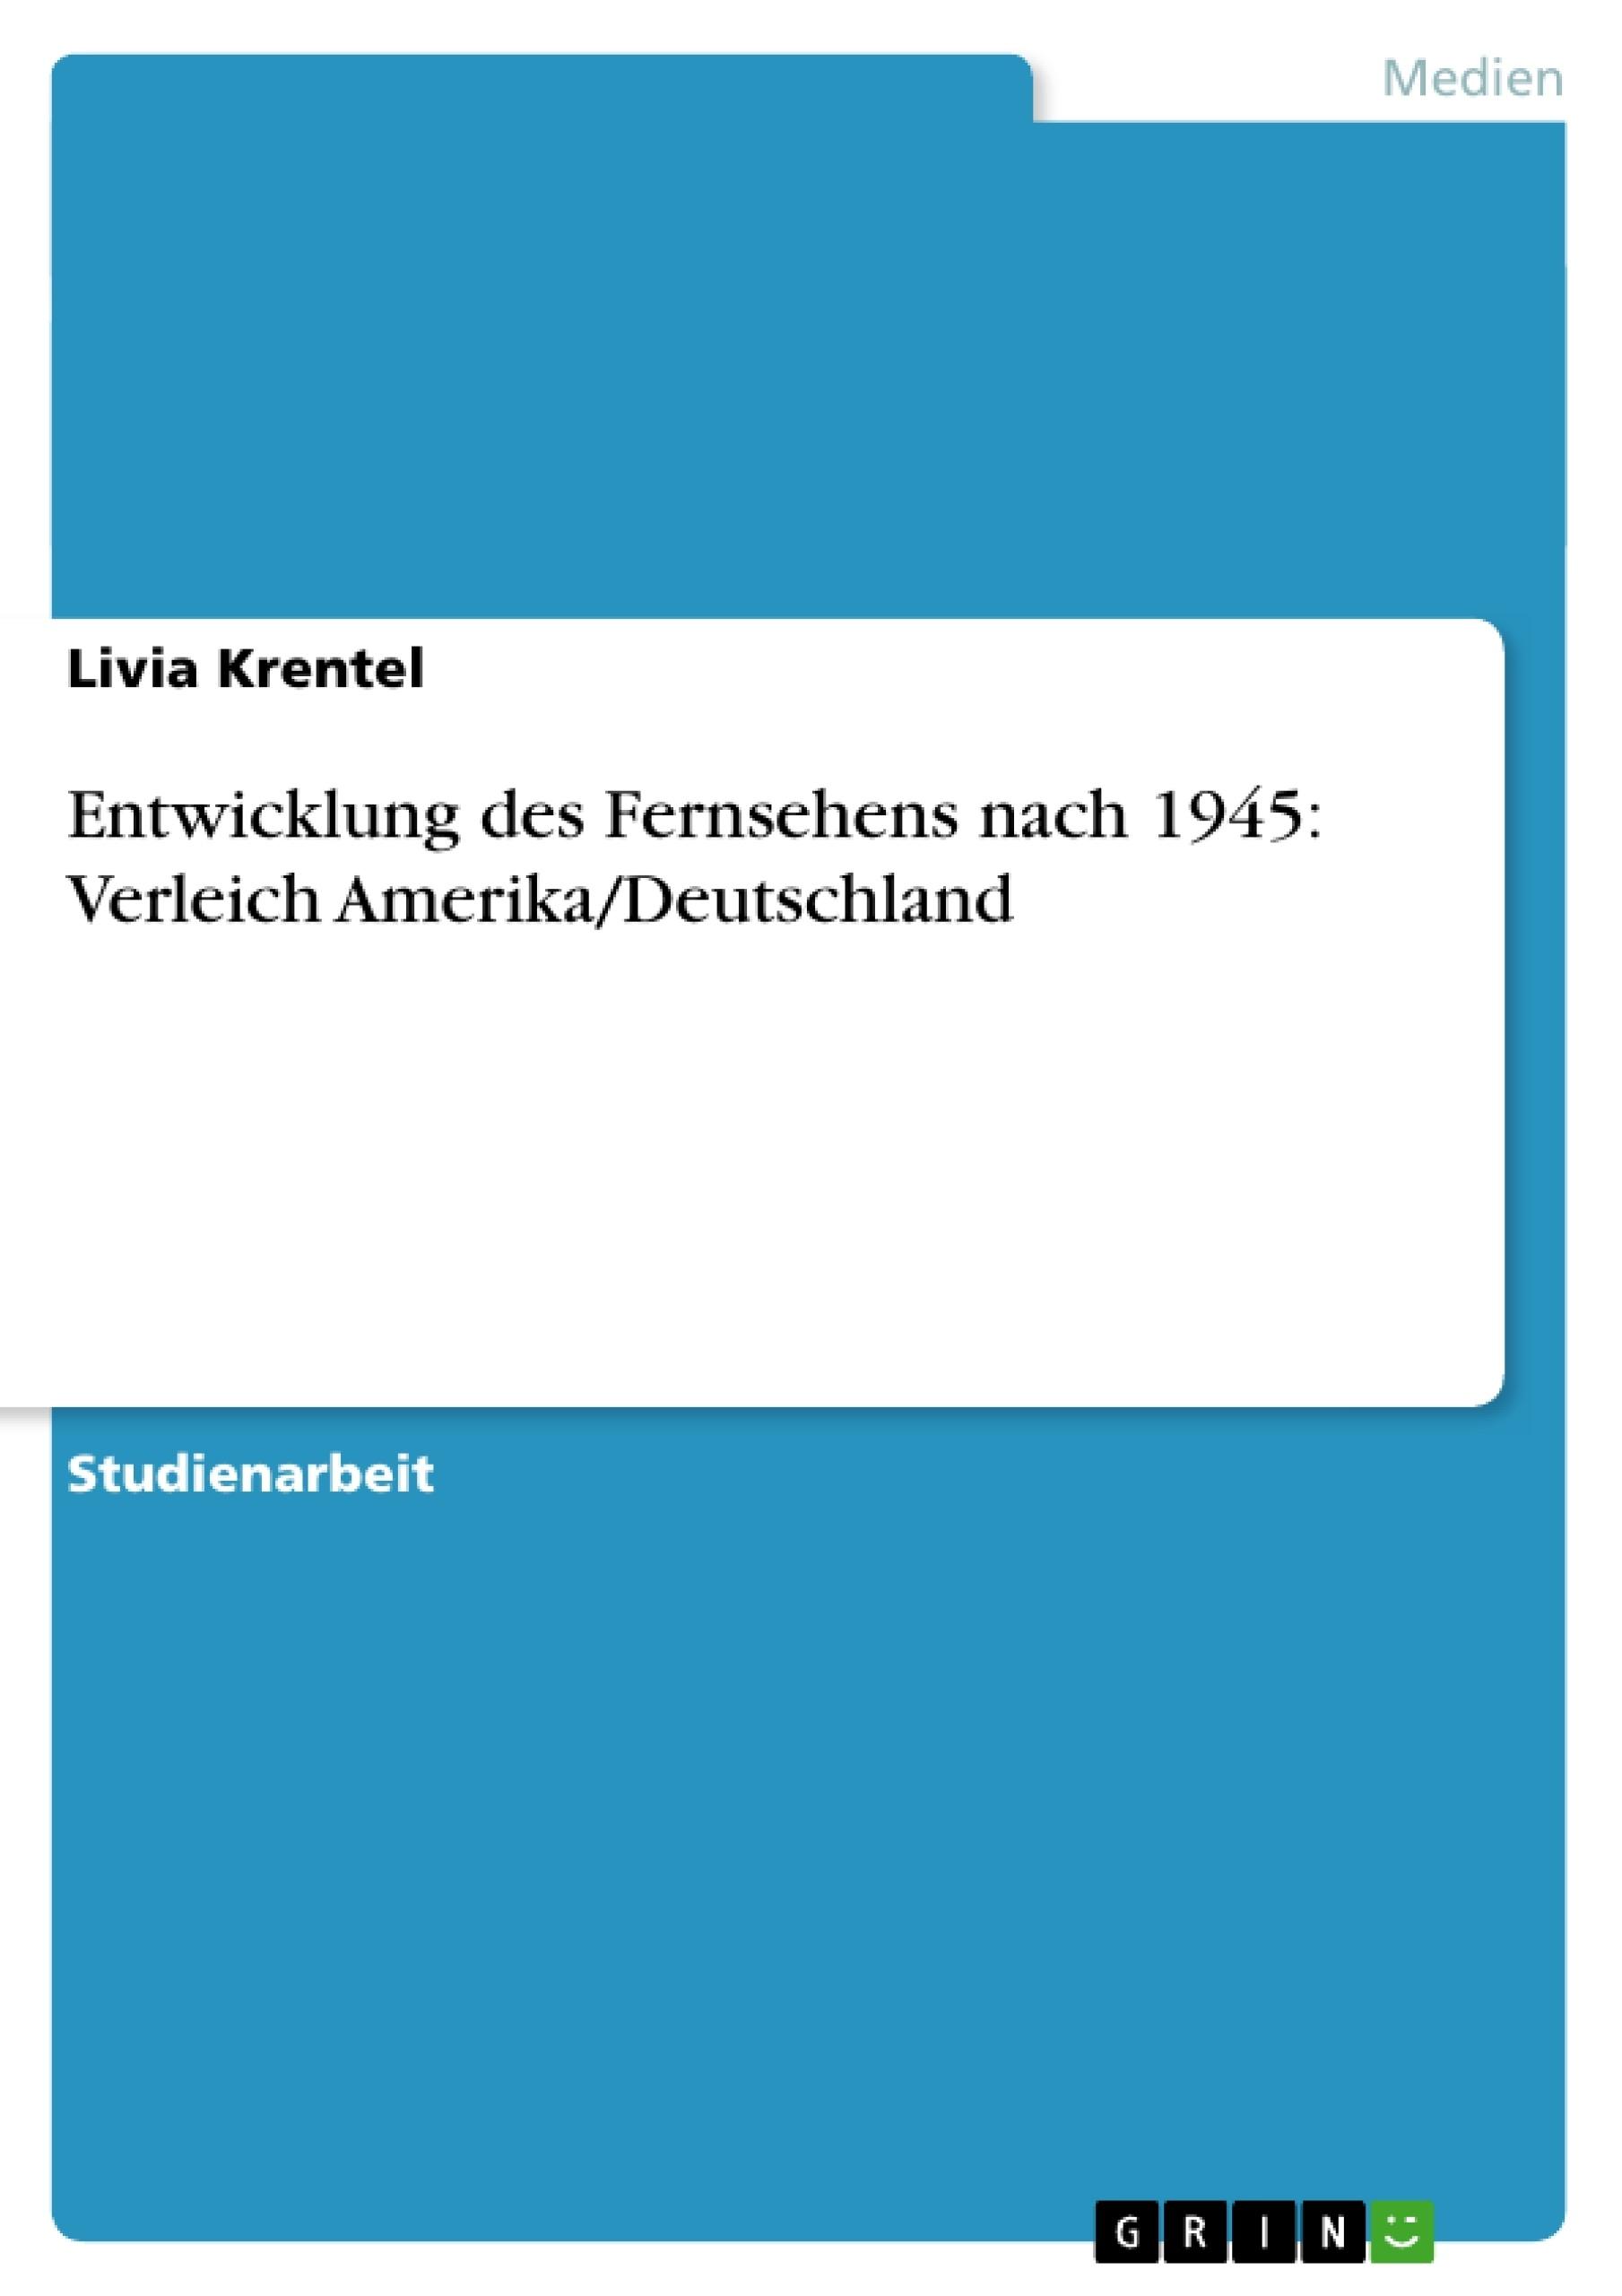 Titel: Entwicklung des Fernsehens nach 1945: Verleich Amerika/Deutschland